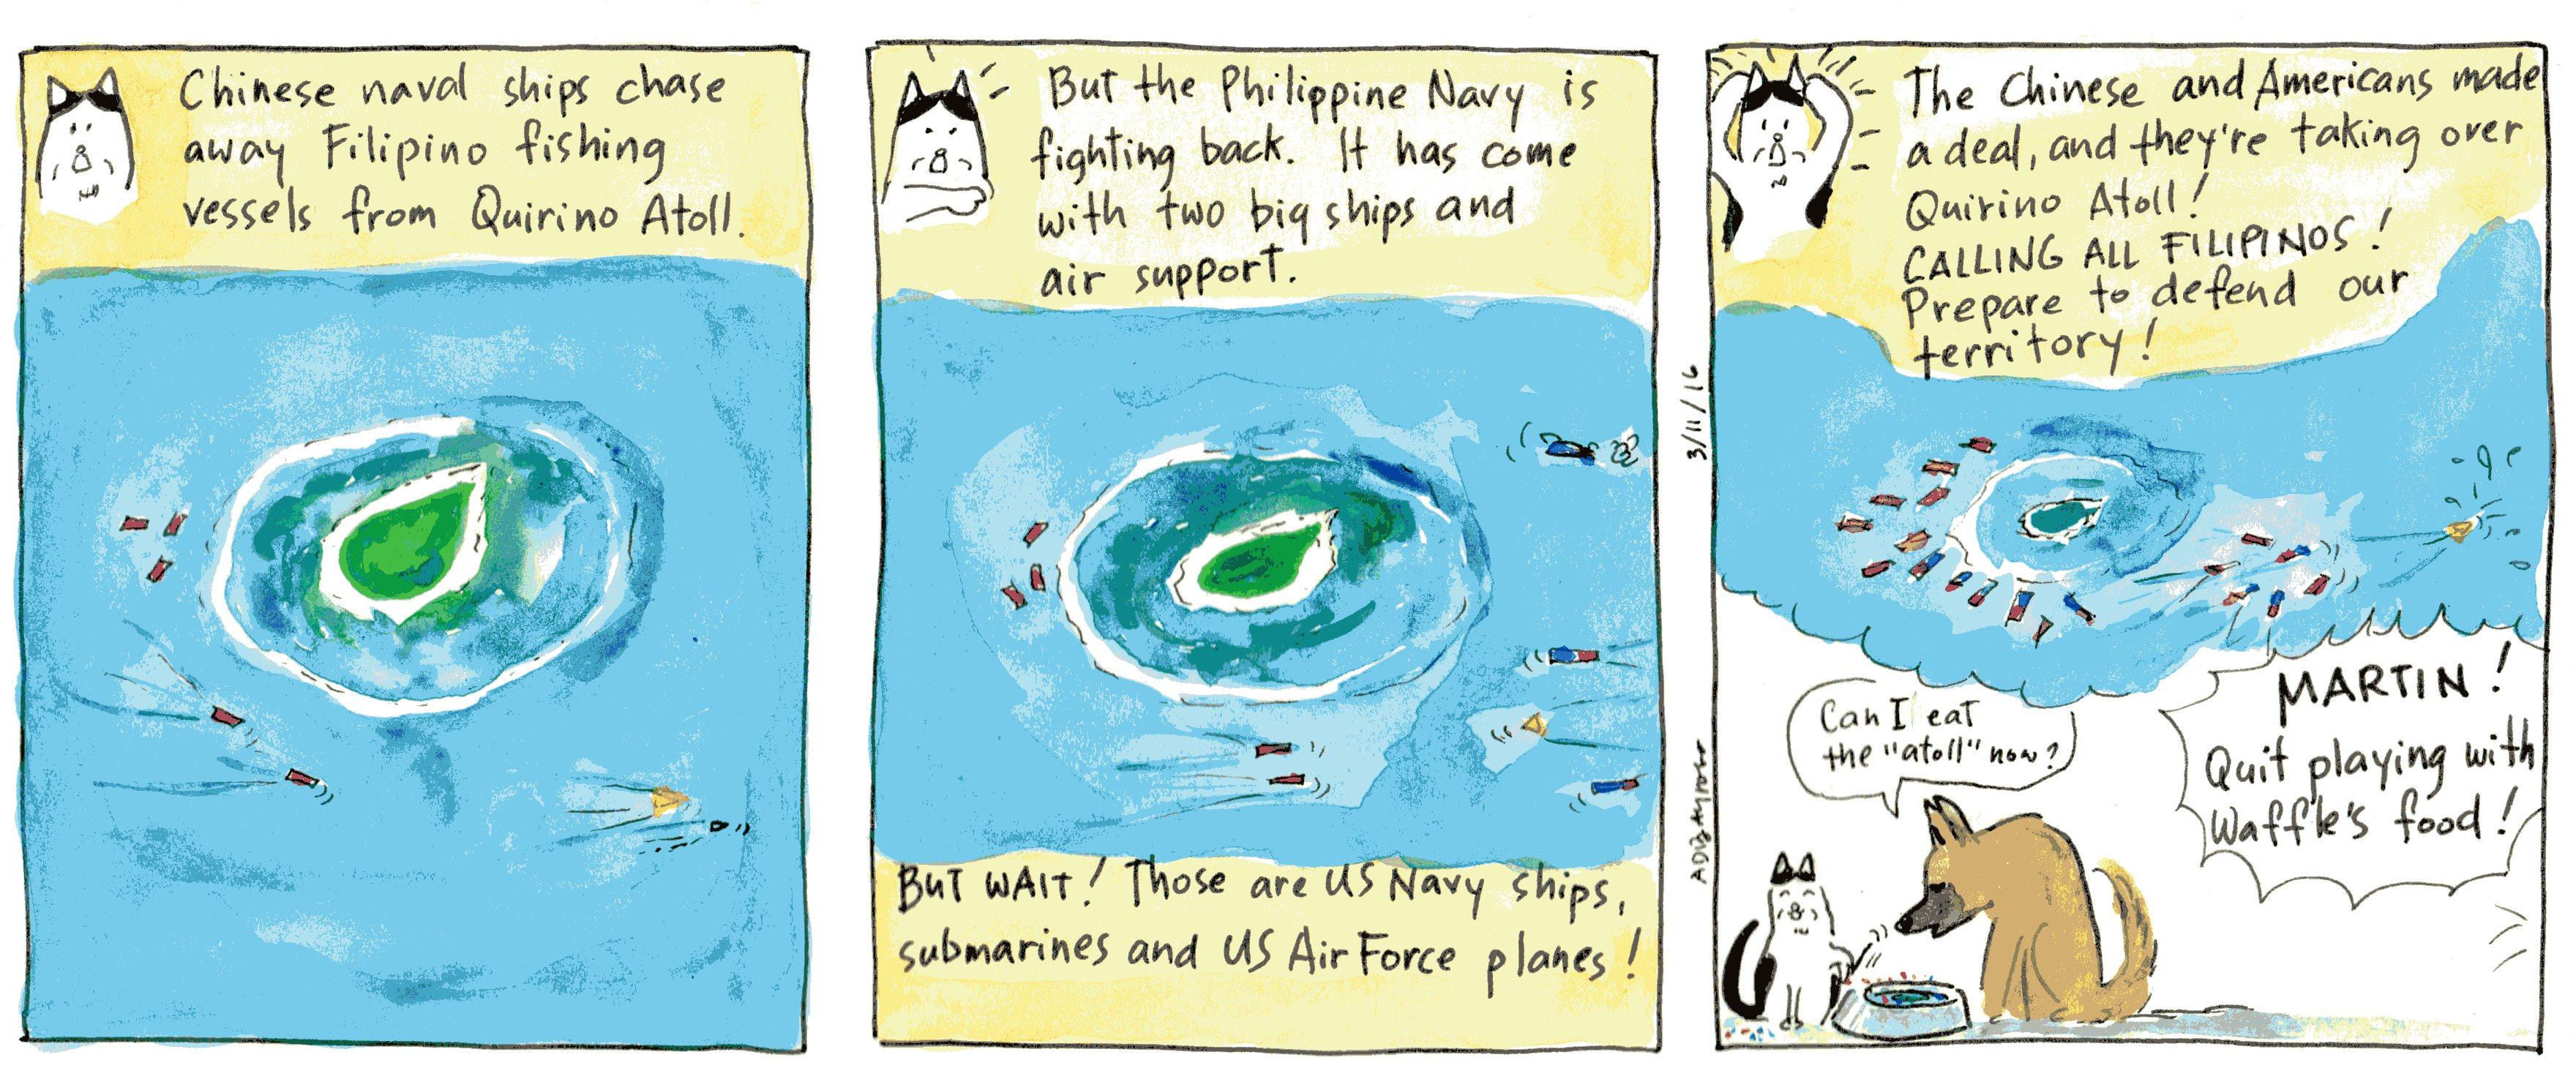 03_13_16 Tension at South Chow-na Sea